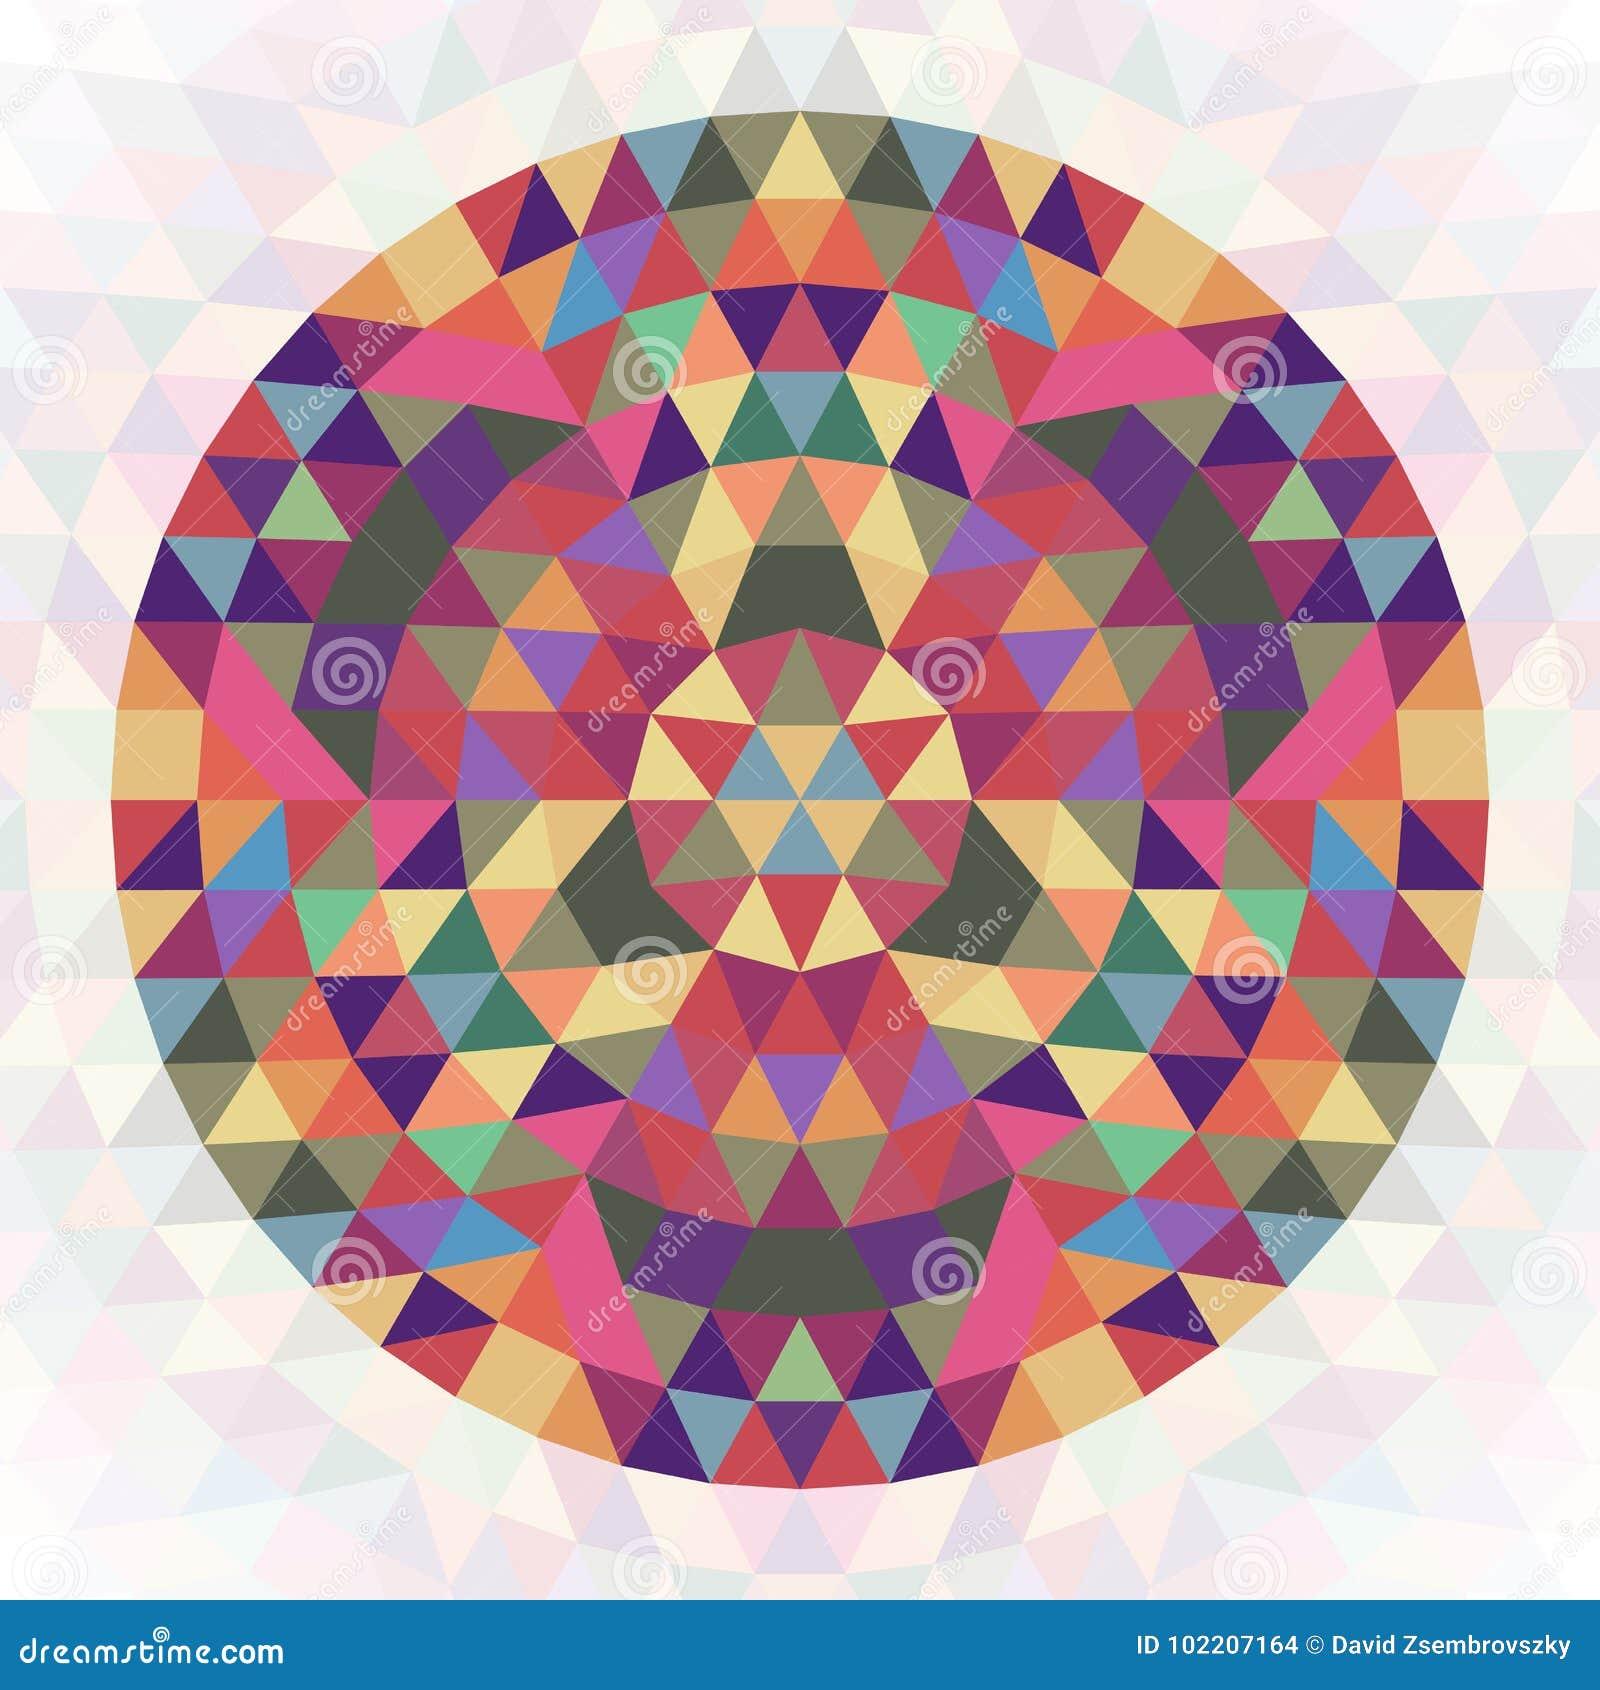 Conception géométrique abstraite circulaire de kaléidoscope de triangle - graphique symétrique de modèle de vecteur des triangles